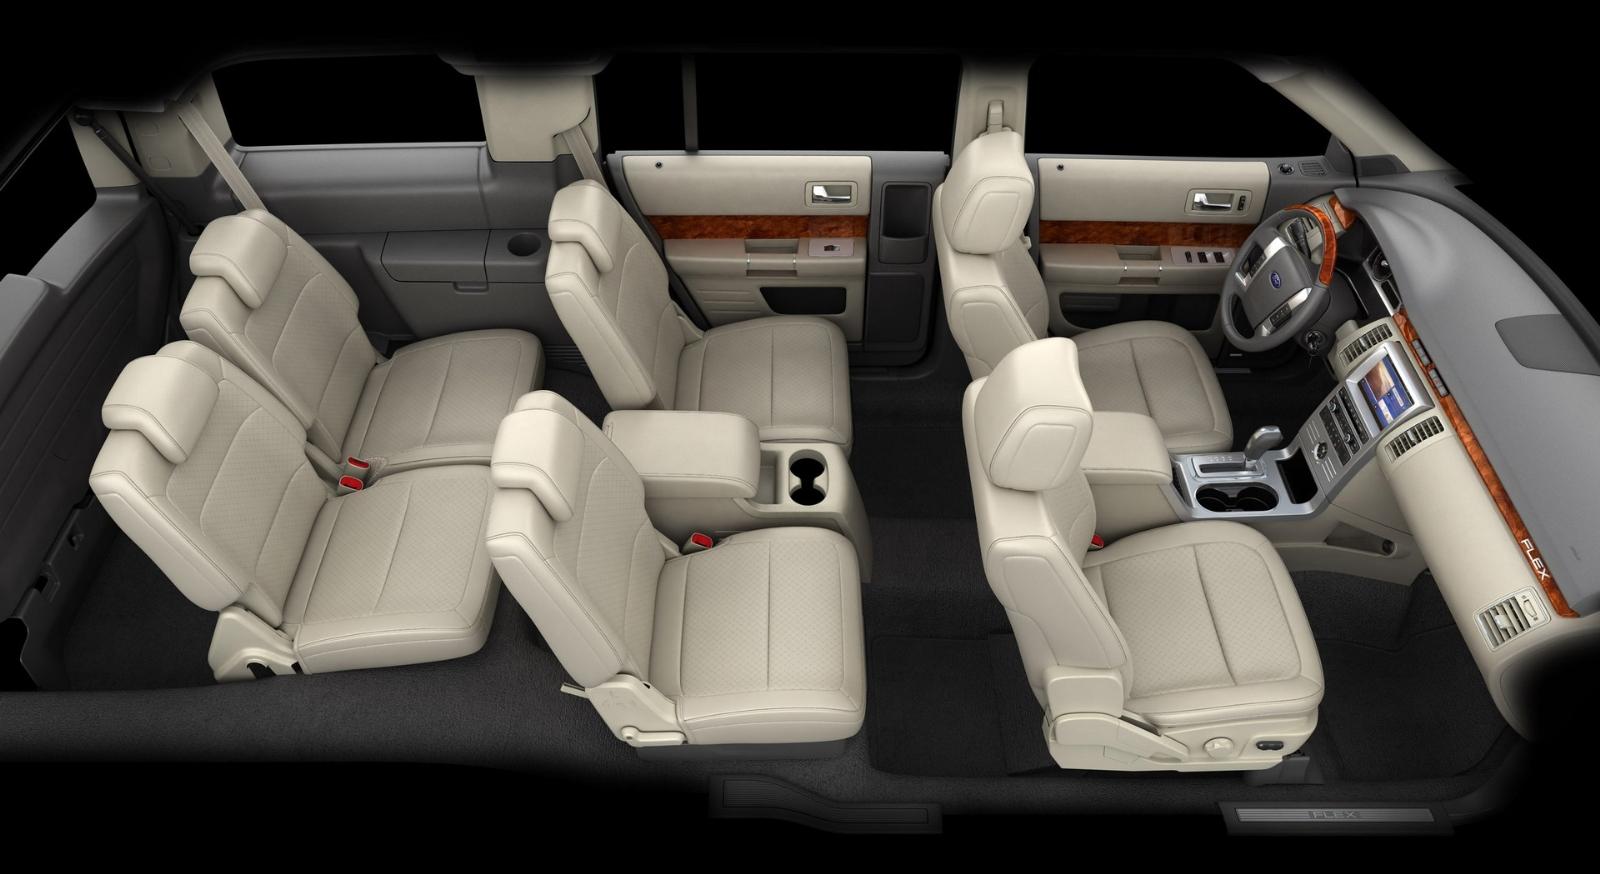 2009 Ford Flex Image Conceptcarz Images